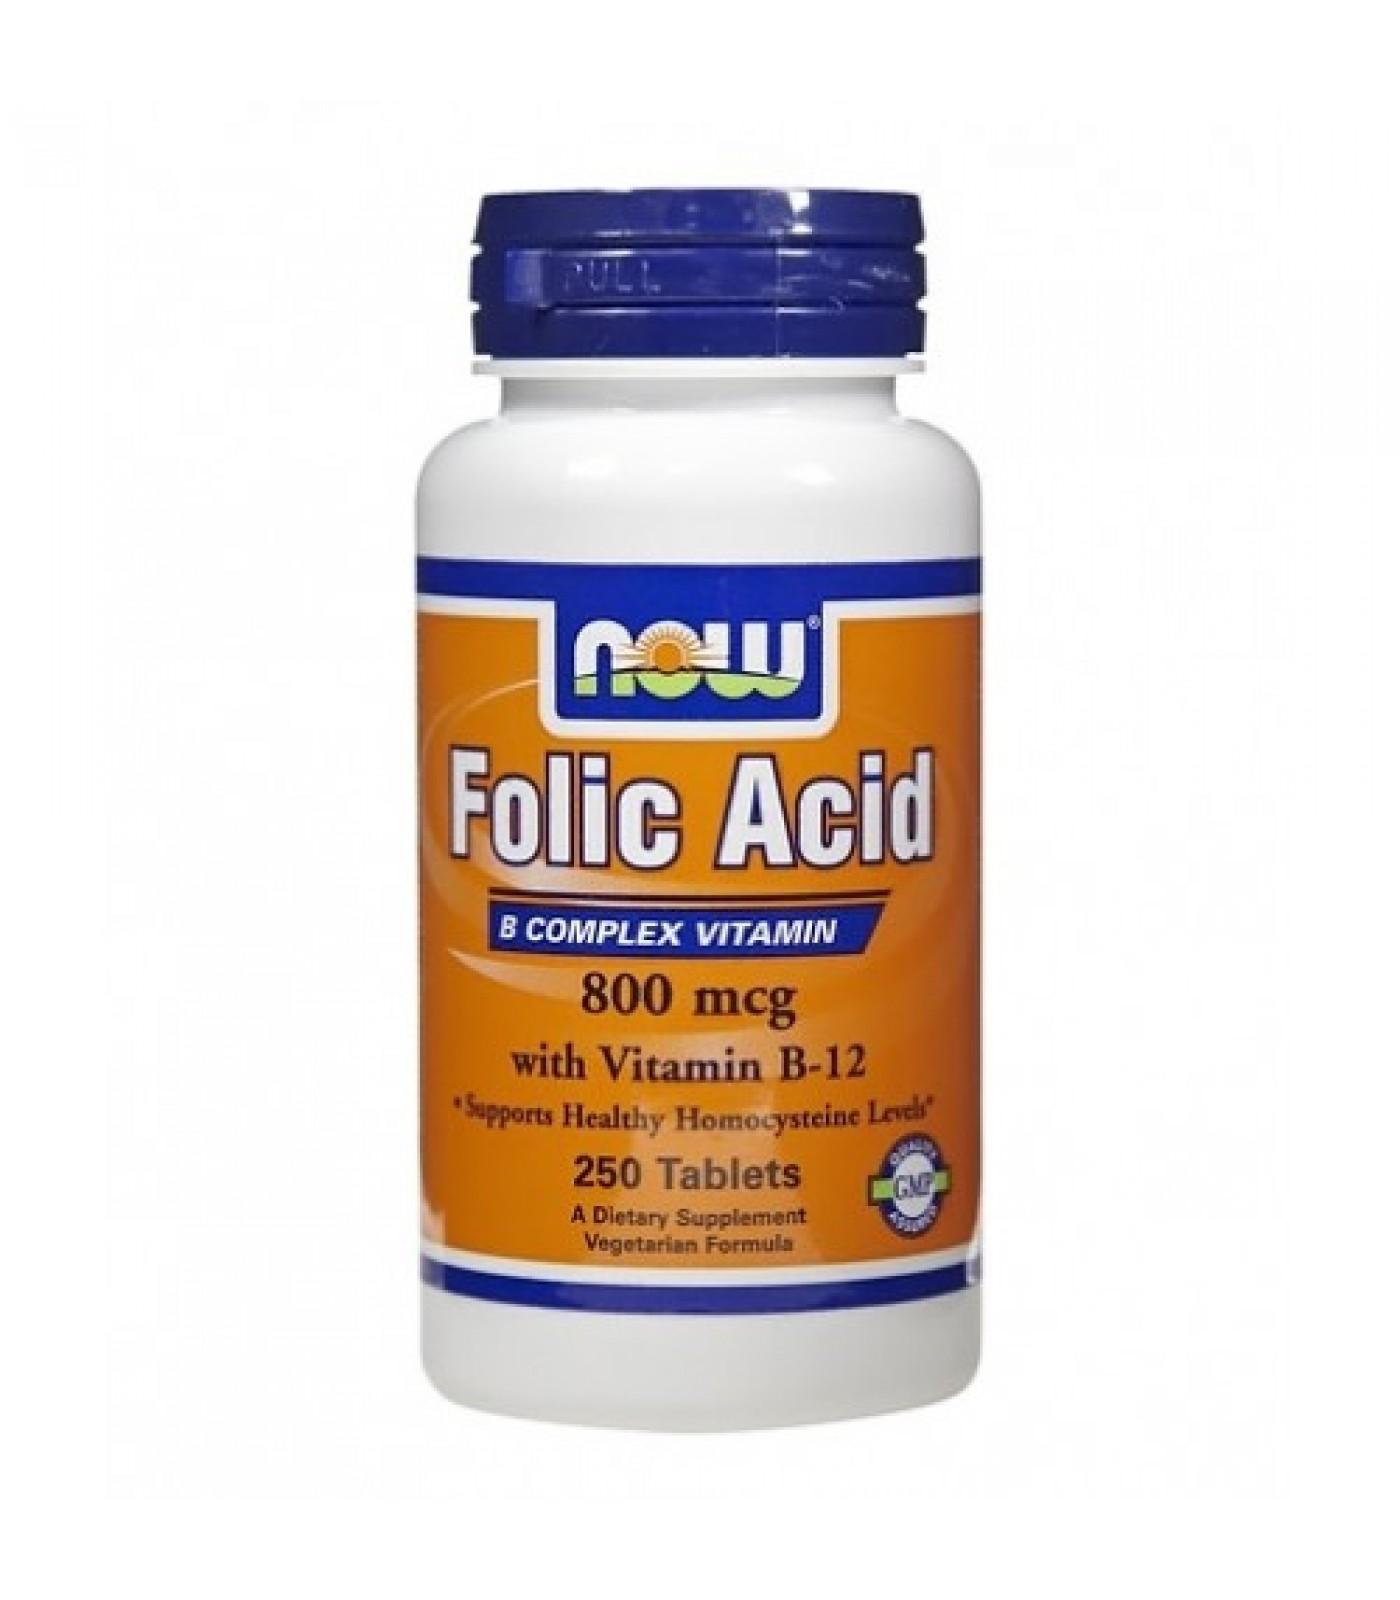 NOW - Folic Acid 800mcg. + B-12 25mcg. / 250 VegTabs.